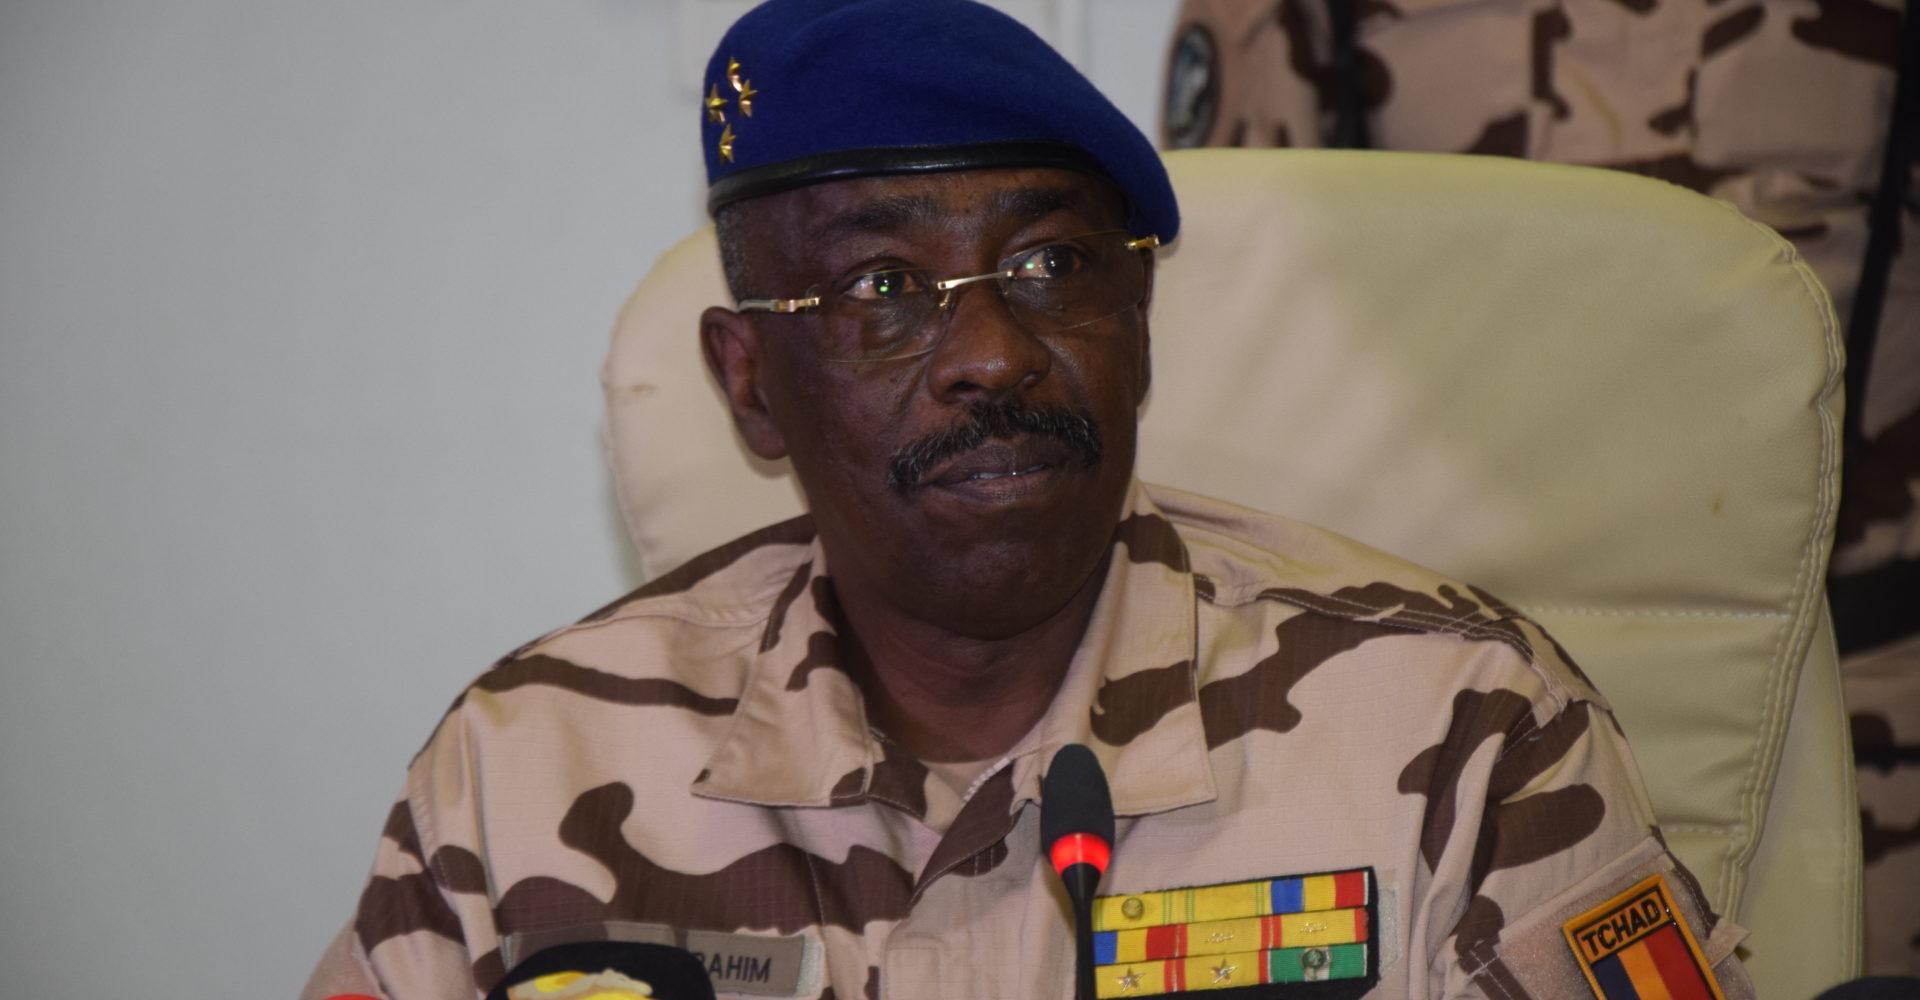 Le ministre de la défense apporte un démenti sur des exactions commises sur des prisonniers de guerre 1